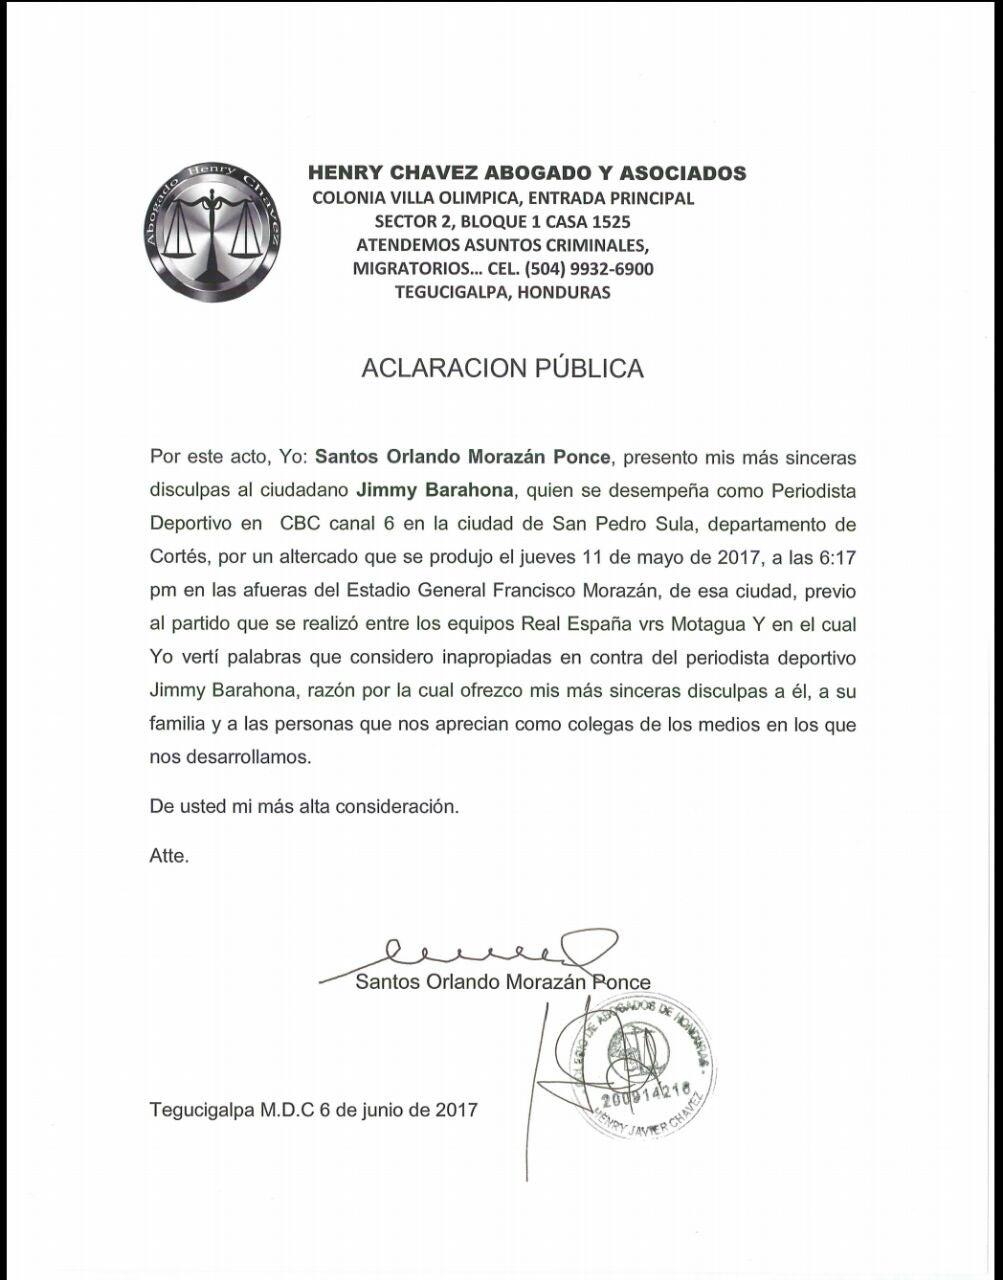 Aclaración público de Orlando Morazán Ponce